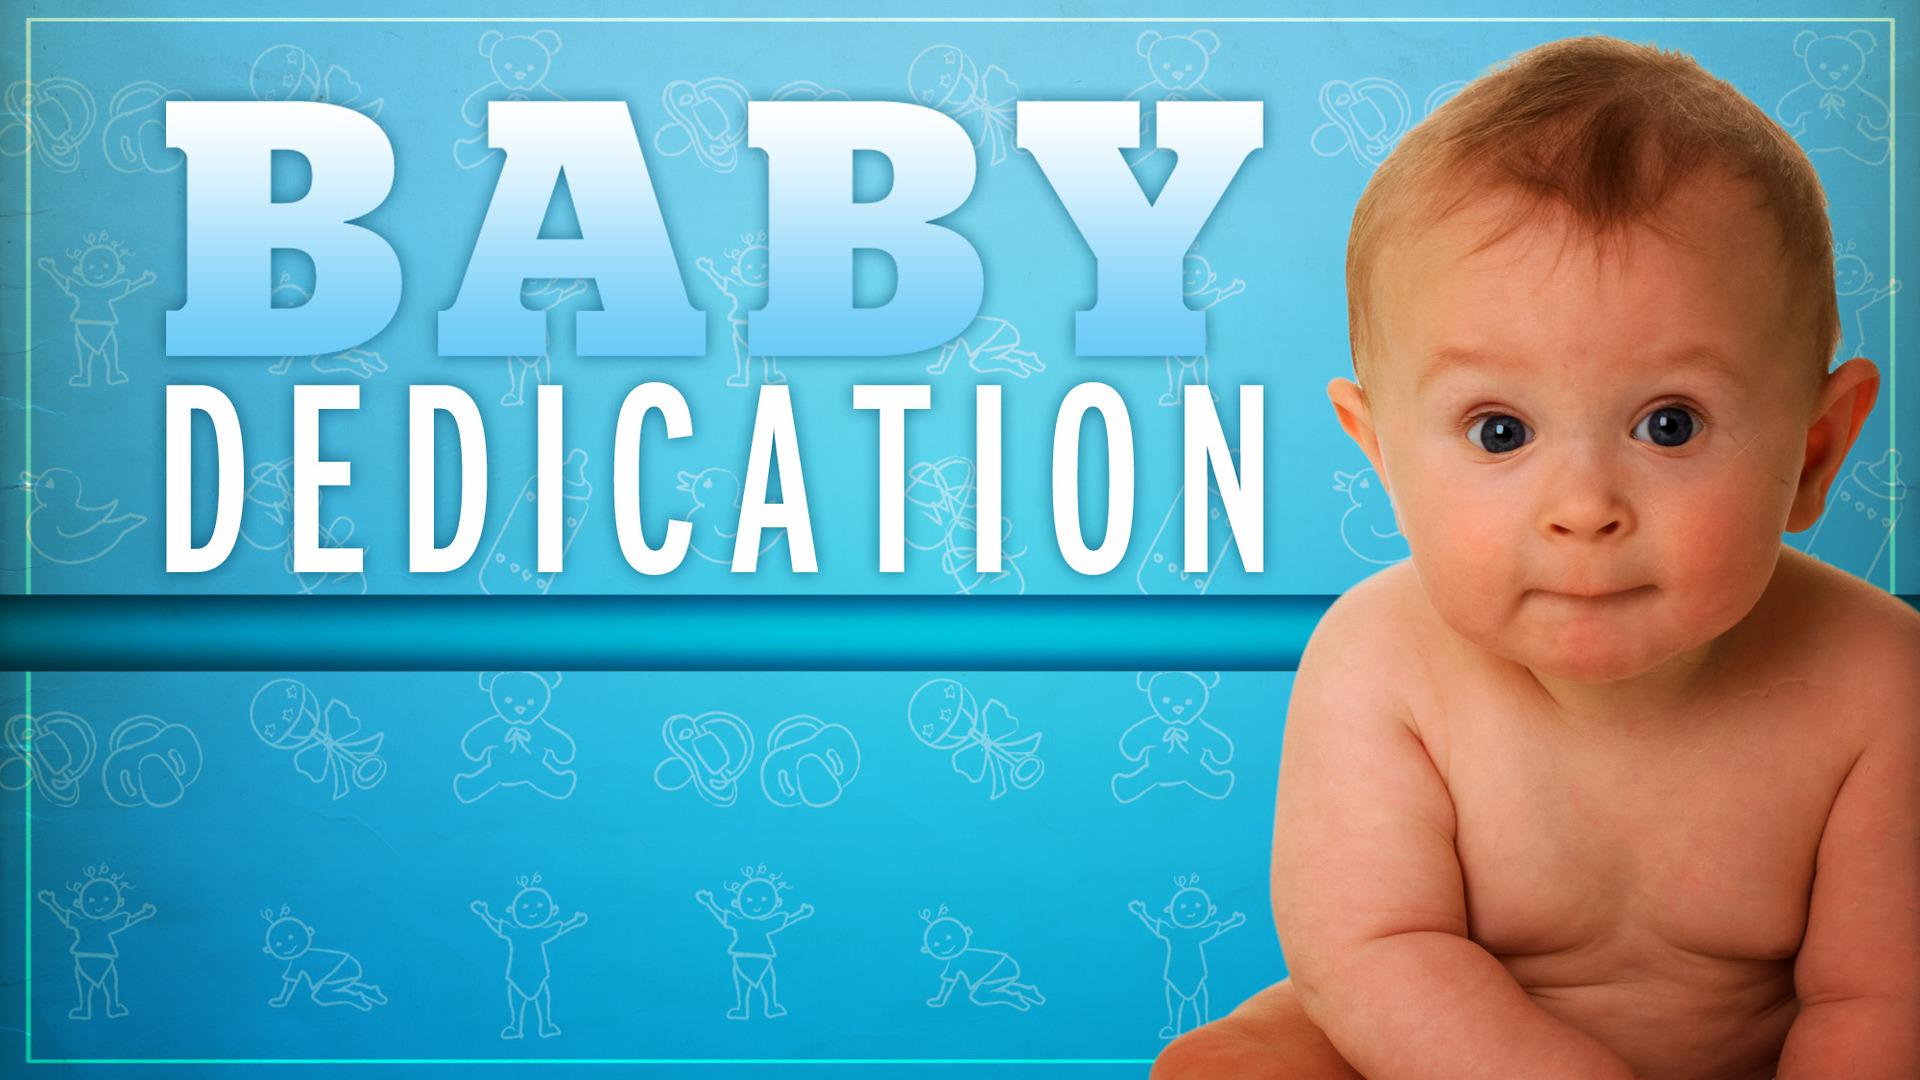 baby_dedication-title-2-still-16x9.jpg